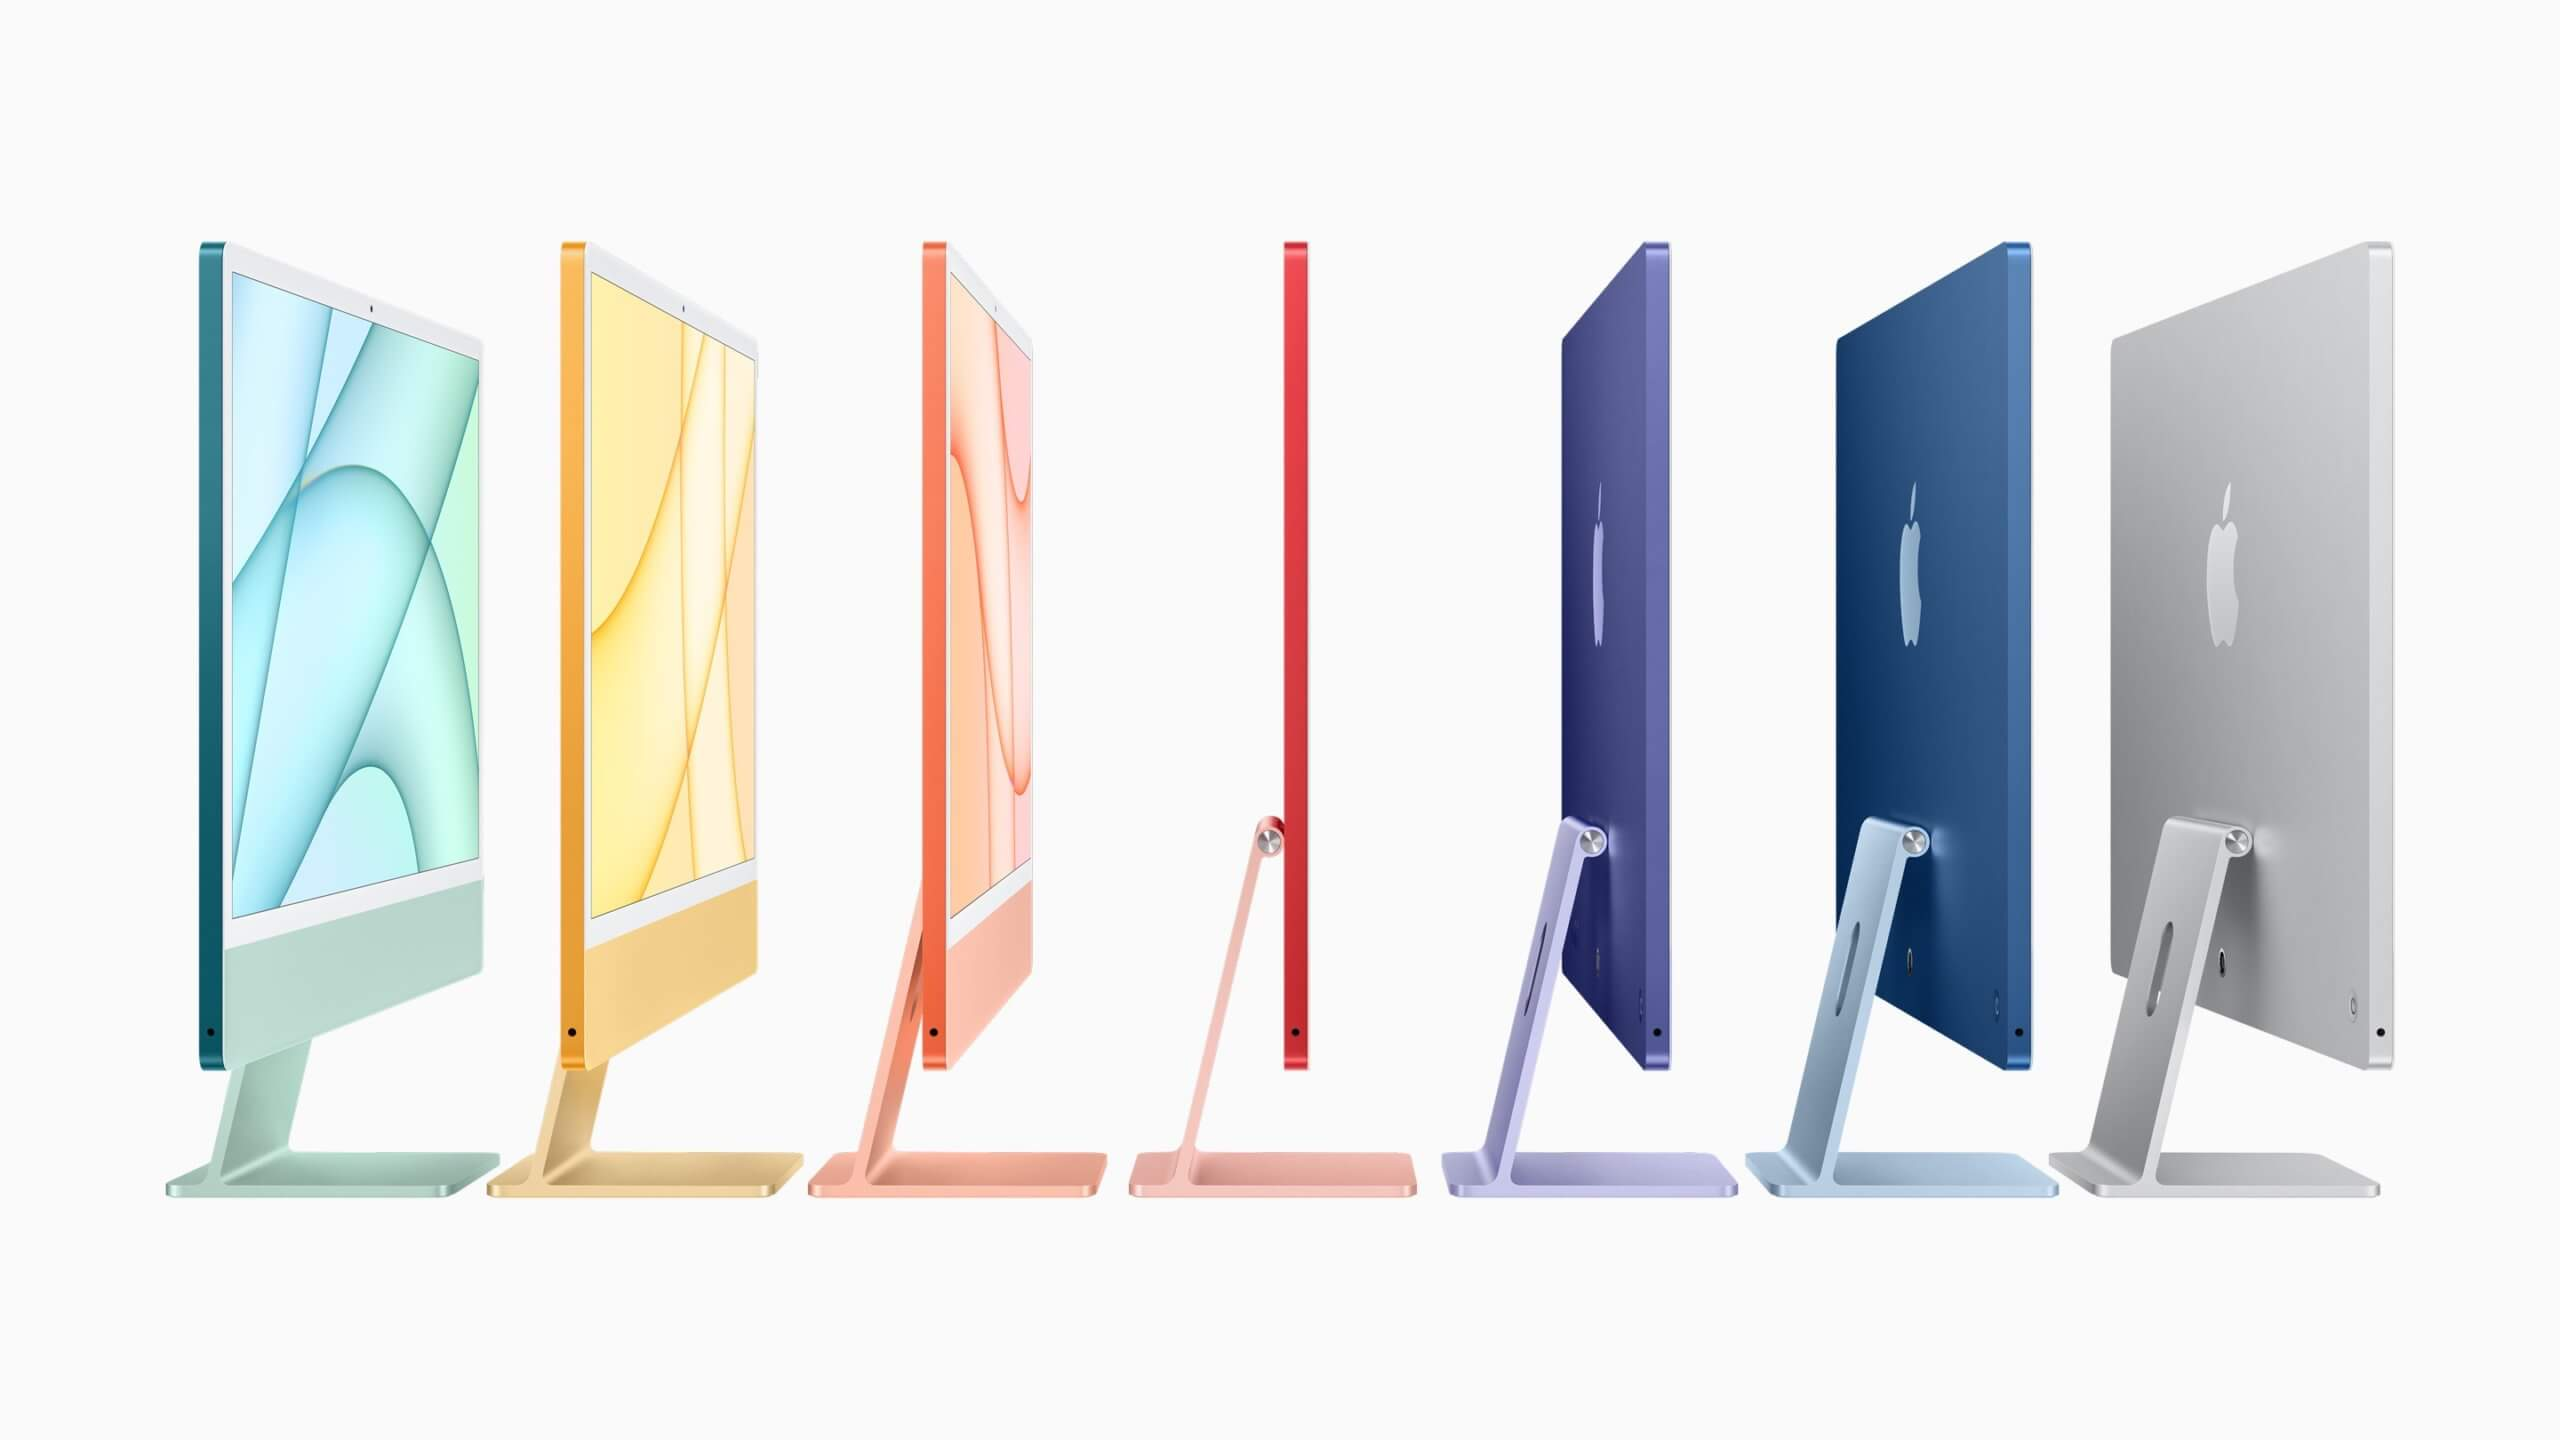 Neuer iMac und iPad Pro 2021: Lieferung teils erst im Juli ...